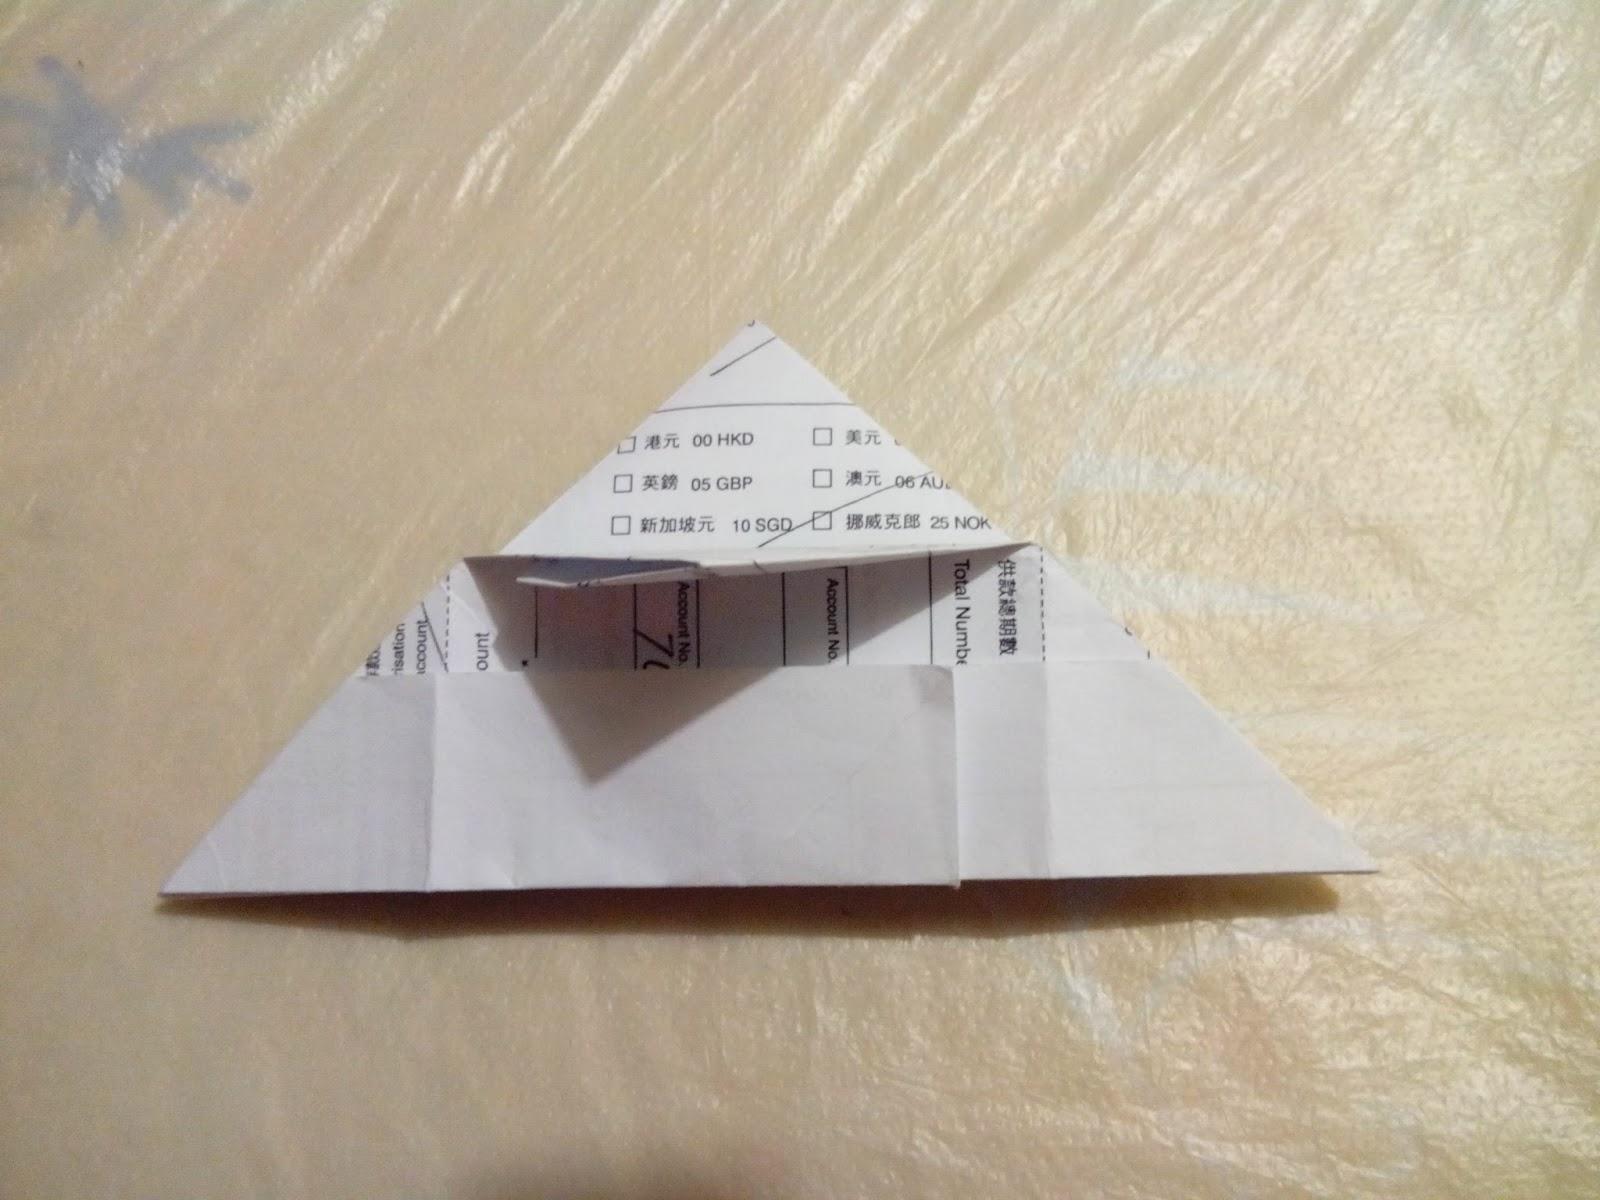 安樂生活誌 au date's home: 摺紙〔盒子帽 Cap〕Origami